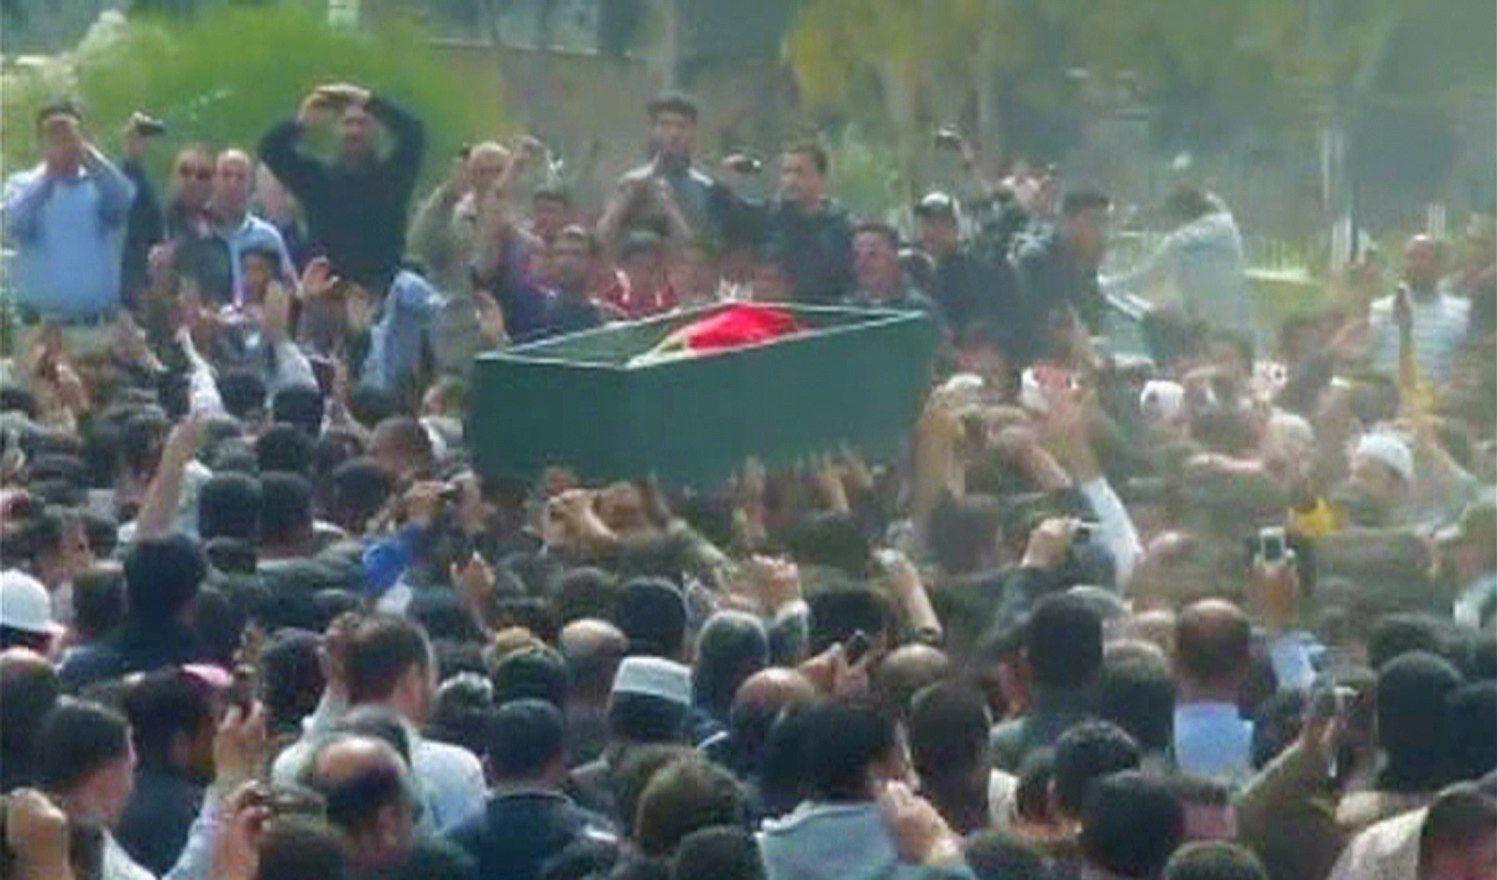 Des manifestants chantant des slogans anti-régime lors de l'enterrement d'un manifestant tué à Dara, le 20 mars 2011.